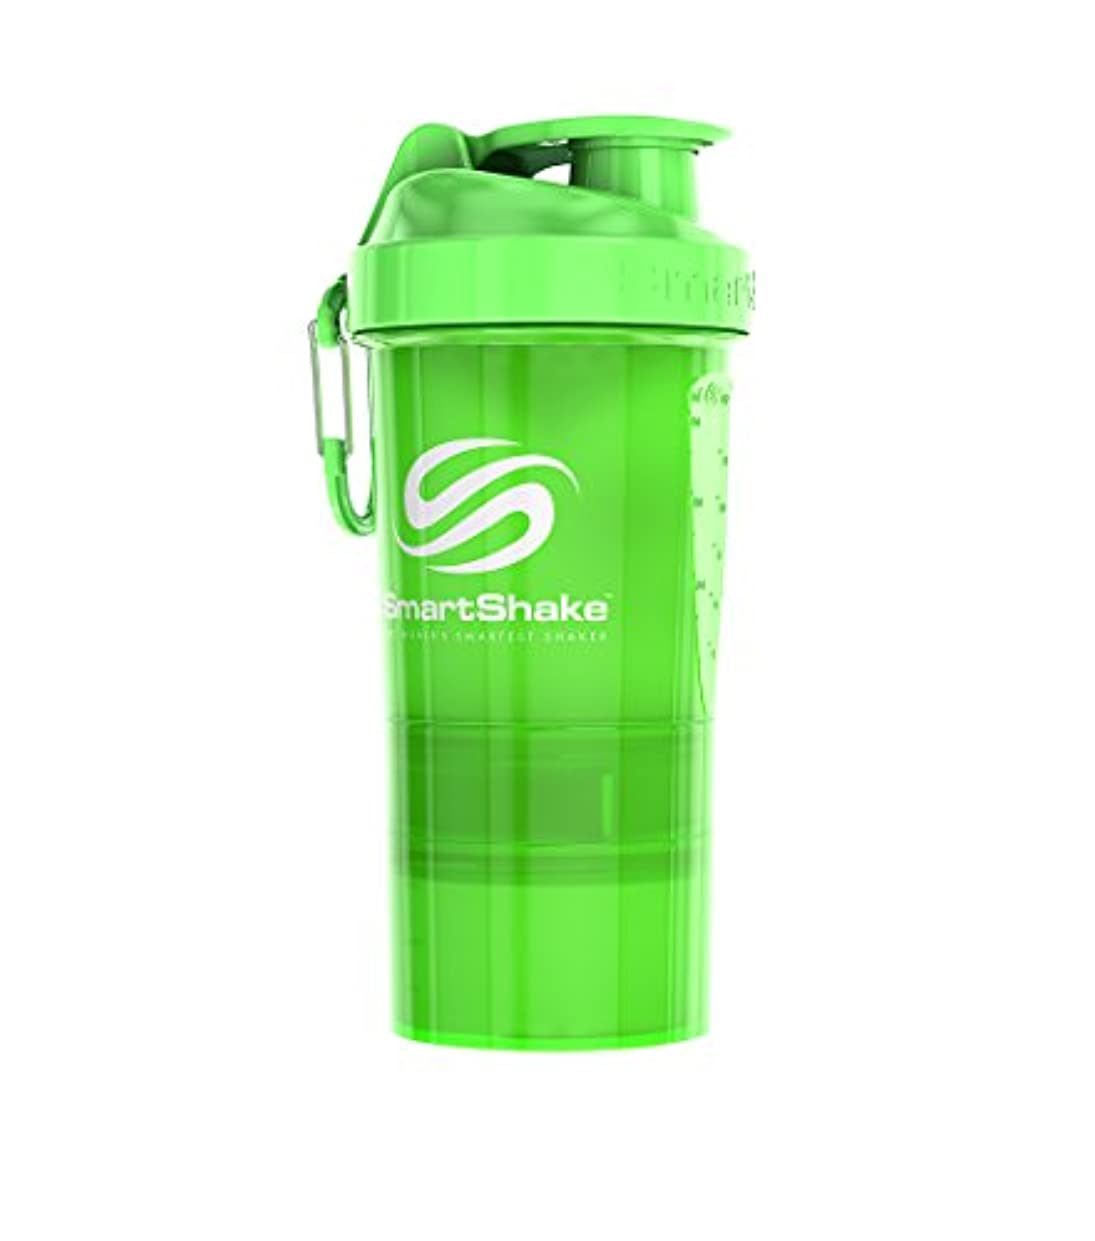 ミサイルせせらぎオレンジSmartShake(スマートシェイク) プロテインシェイカー SmartShake NEON Green